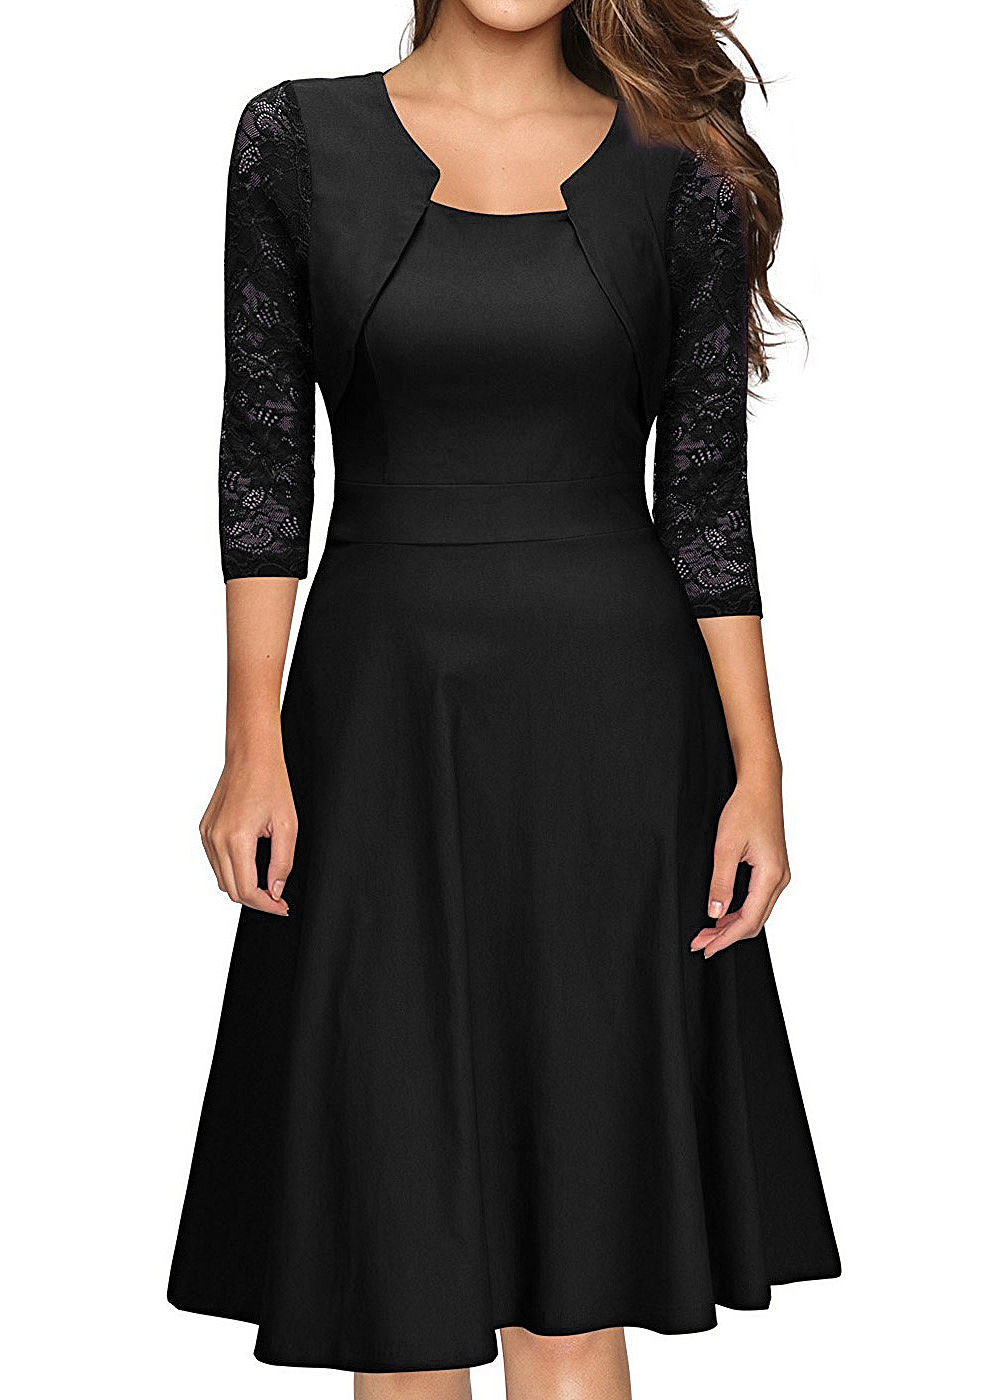 styleboom fashion damen mini kleid 3 4 arm mit spitze schwarz 77onlineshop. Black Bedroom Furniture Sets. Home Design Ideas